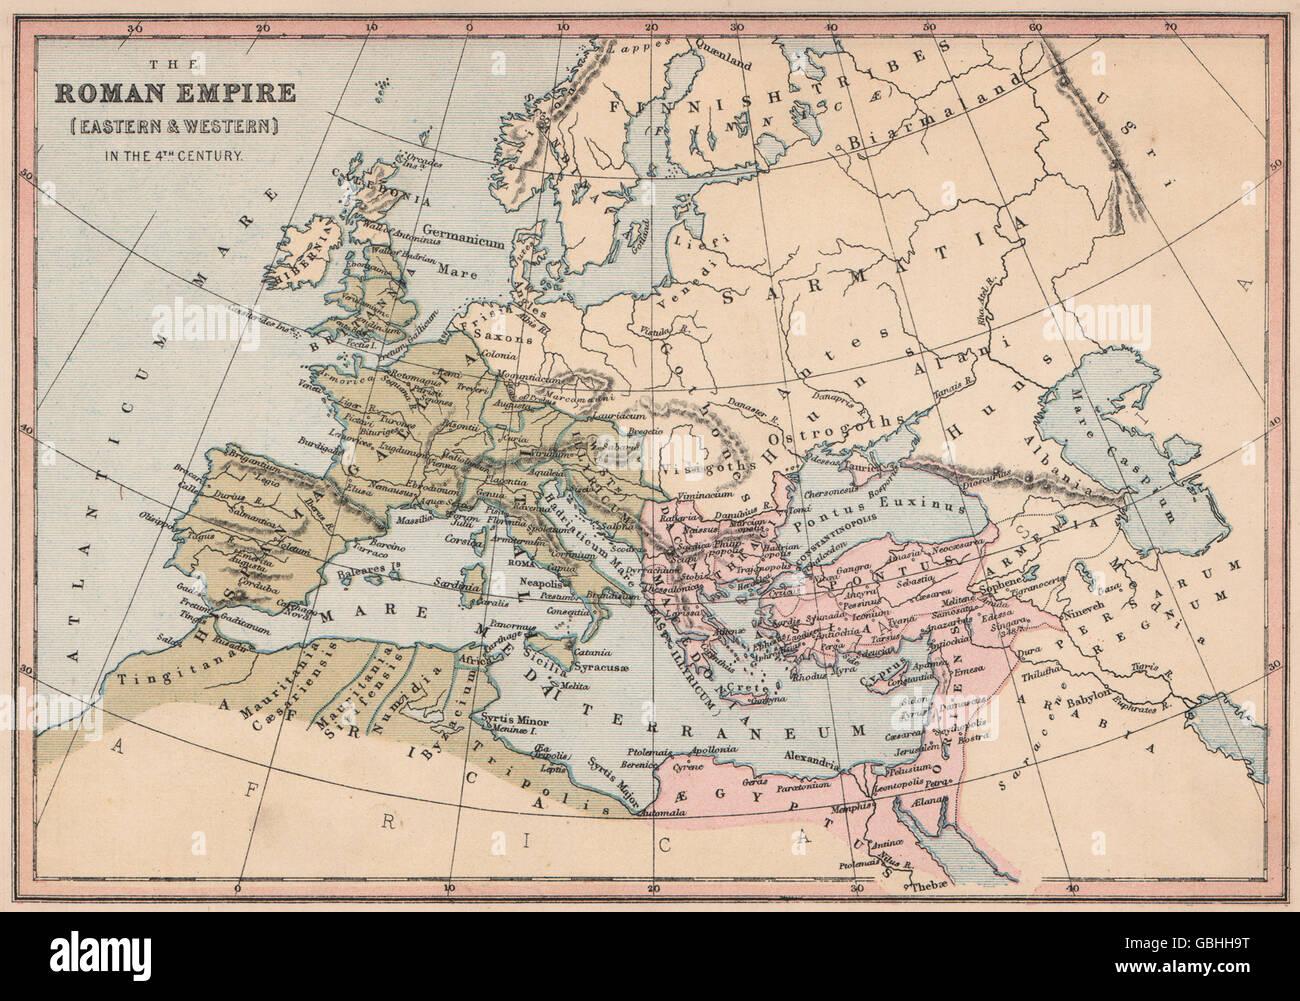 4ème siècle l'Europe: l'Empire romain (l'Est et l'Ouest) . COLLINS, 1880 map Photo Stock